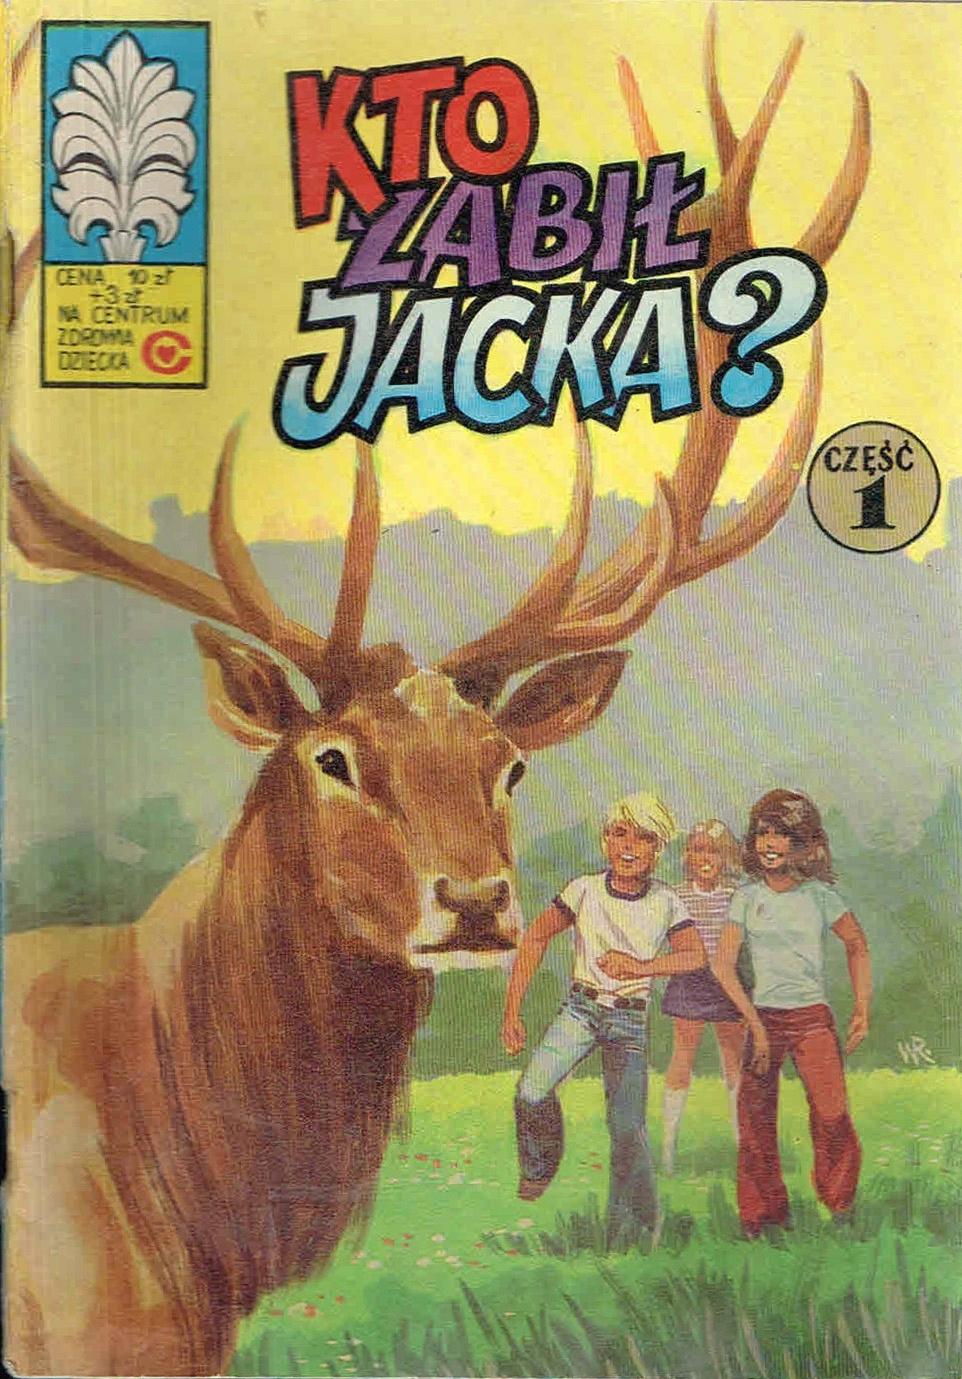 = KAPITAN ŻBIK 43 Kto zabił Jacka? [wyd. 2 1979] =